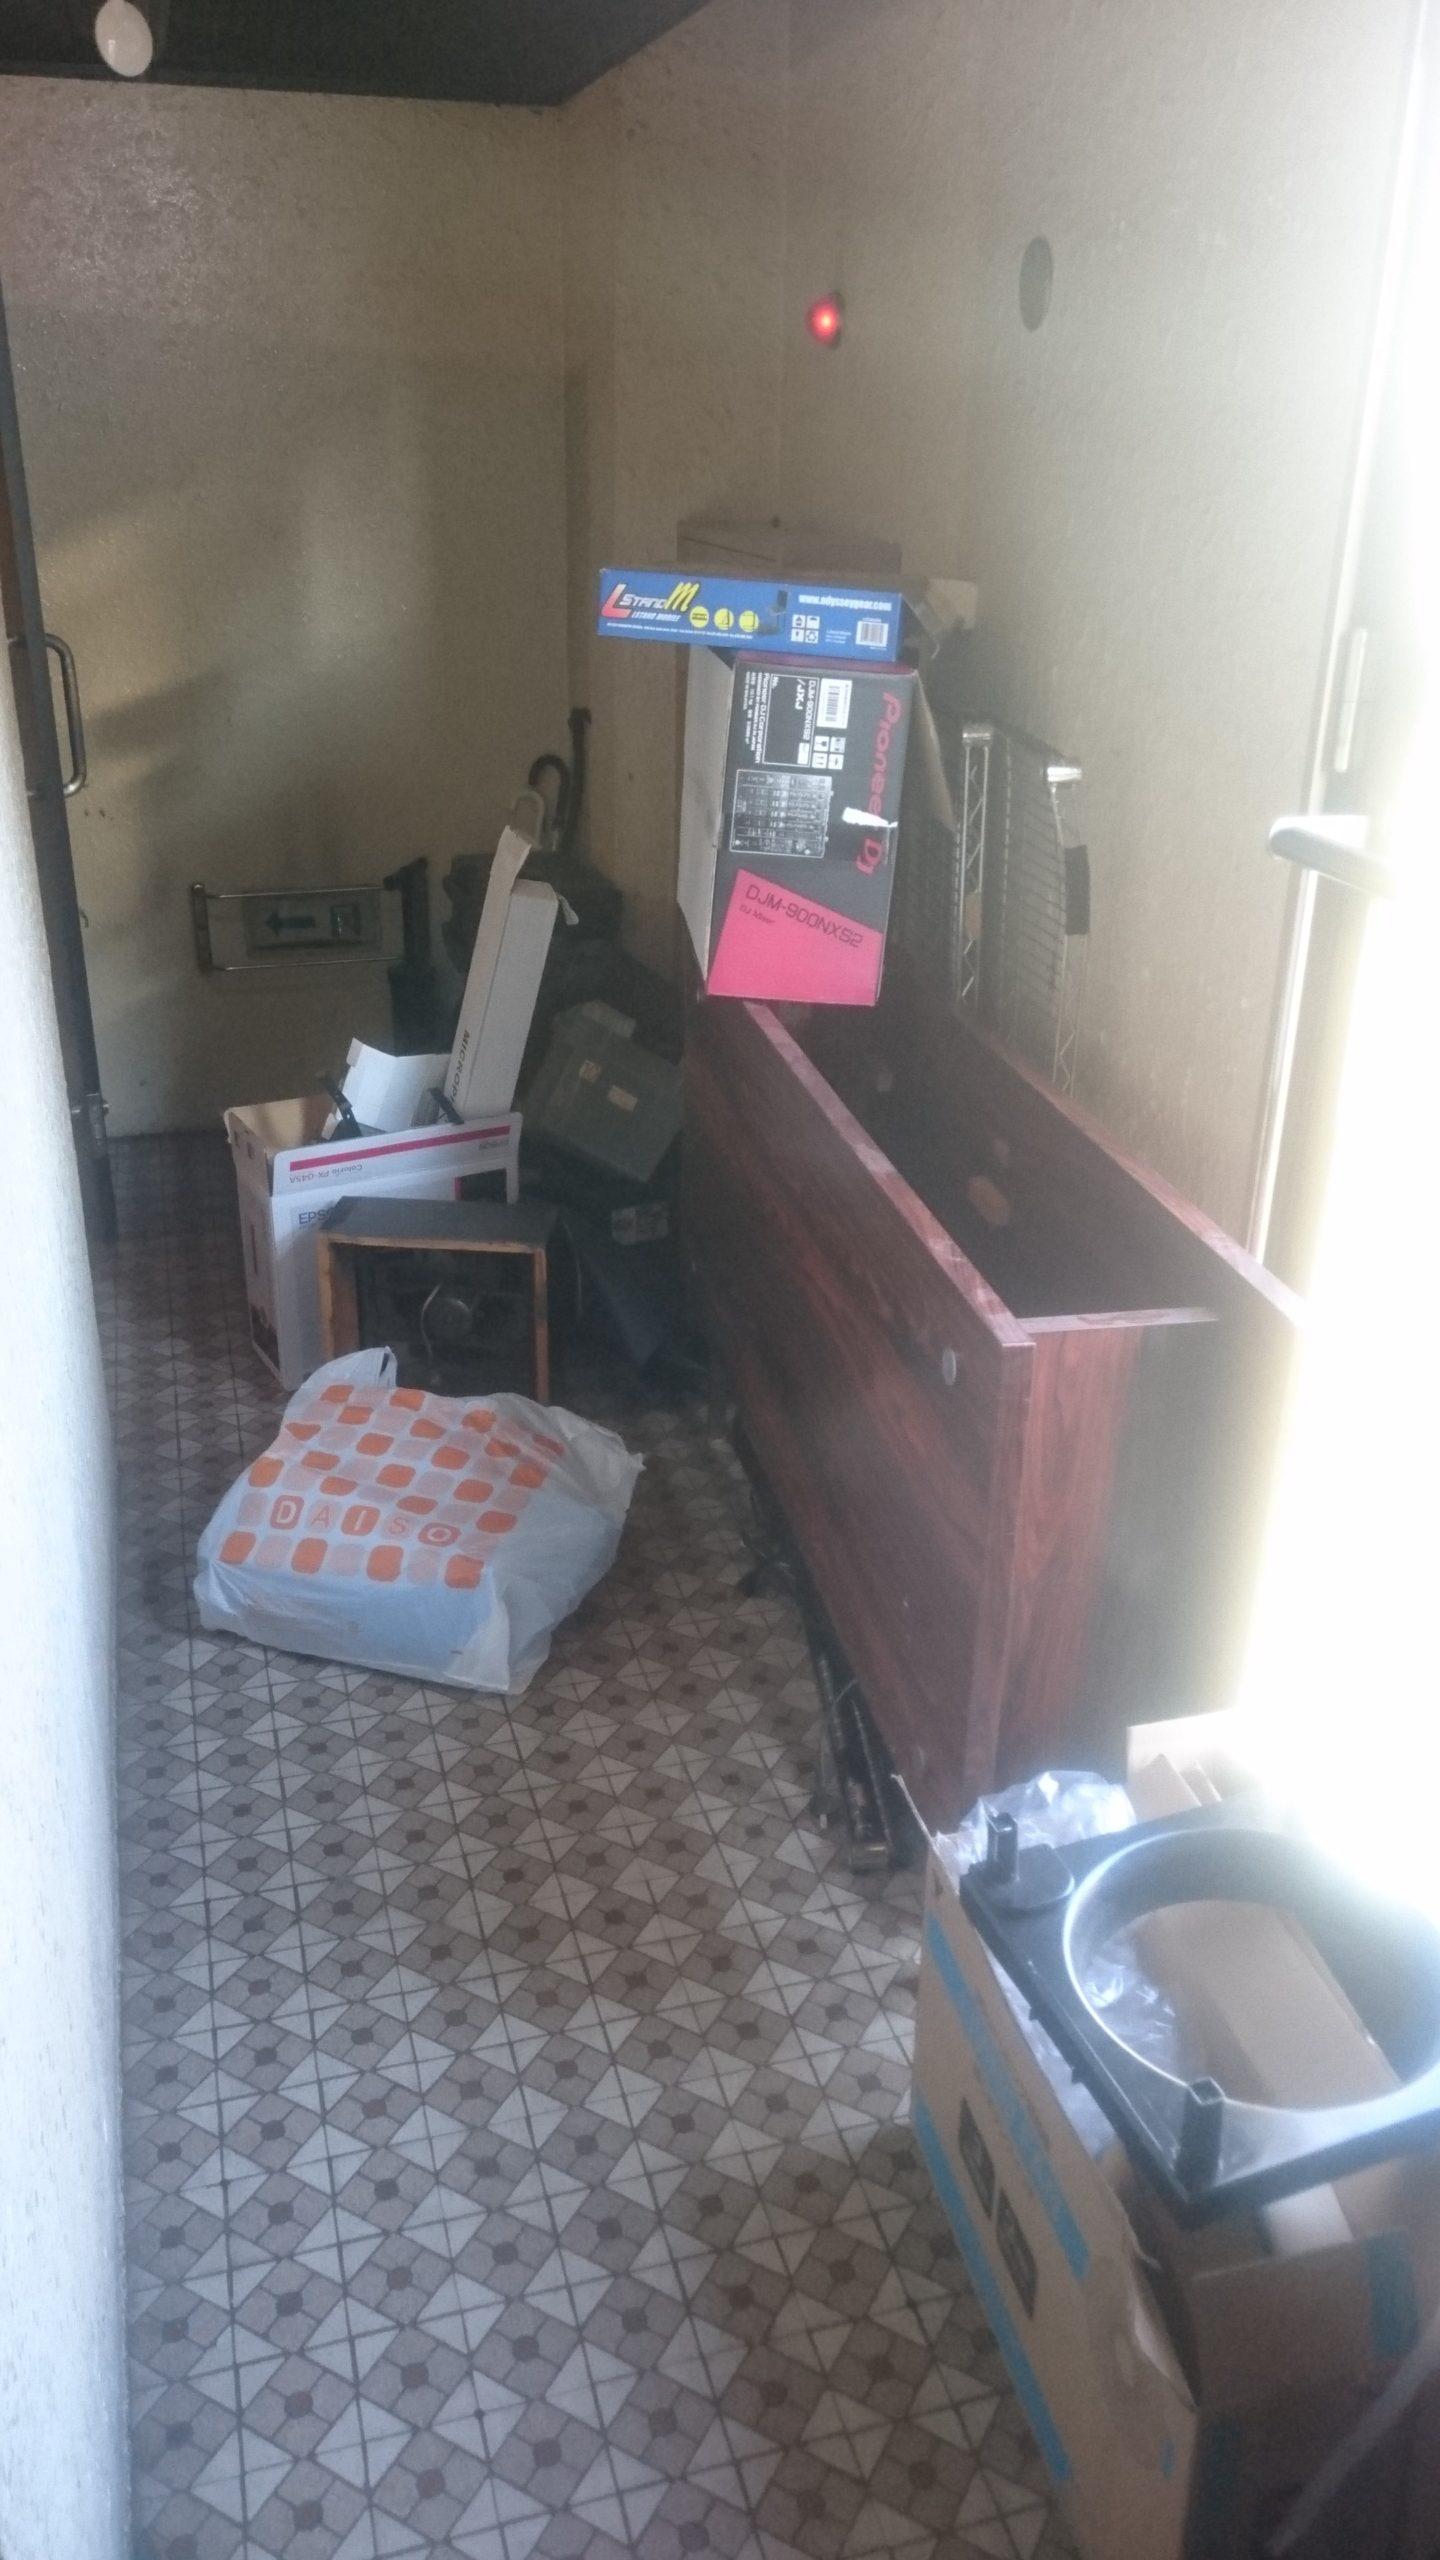 【愛知県名古屋市中区】ライブハウスで使わなくなった棚などの不用品回収